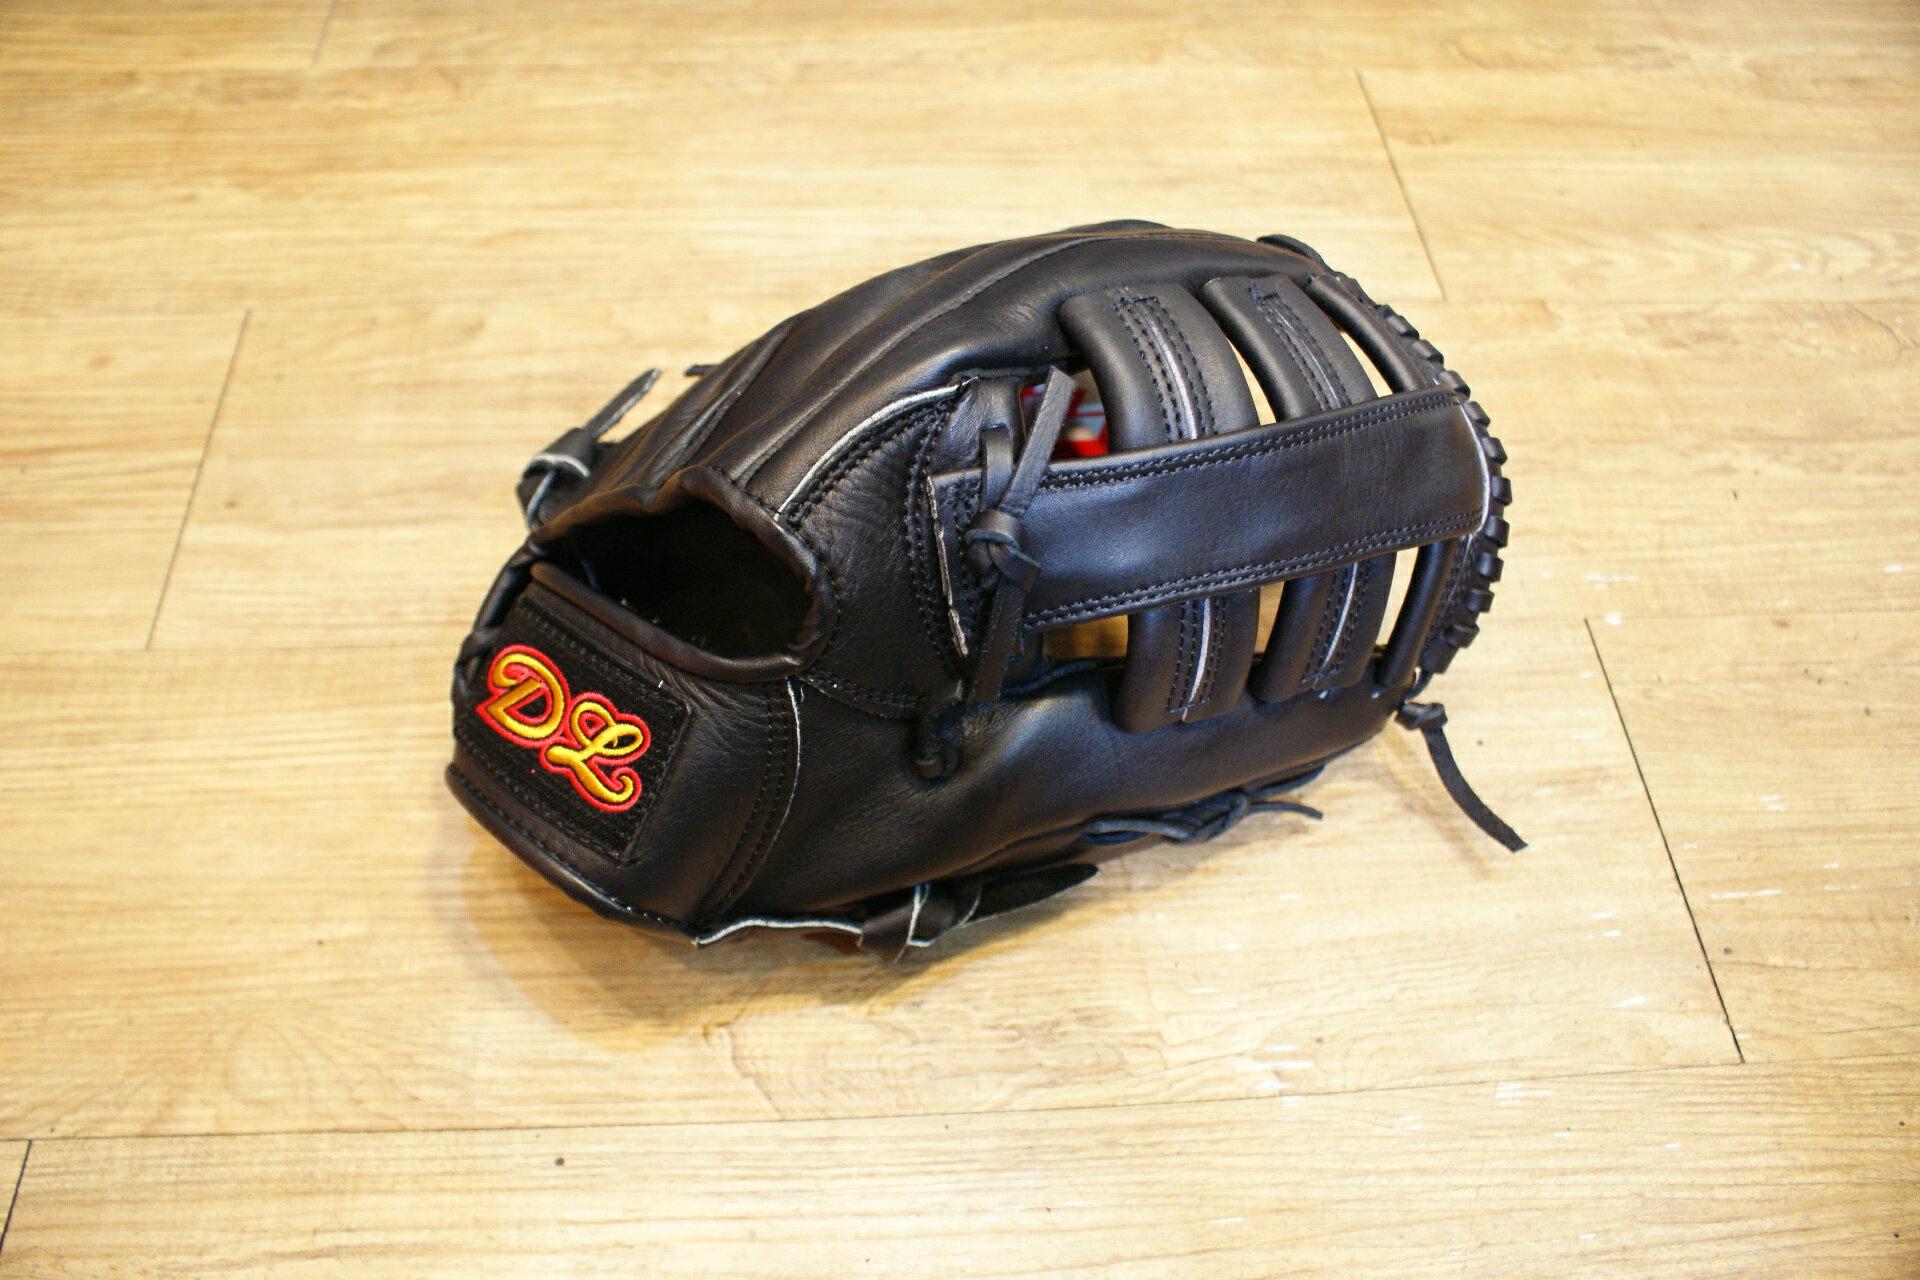 〈棒球世界〉全新DL166 棒壘球手套 最平價的真皮手套 外野款式 送手套袋